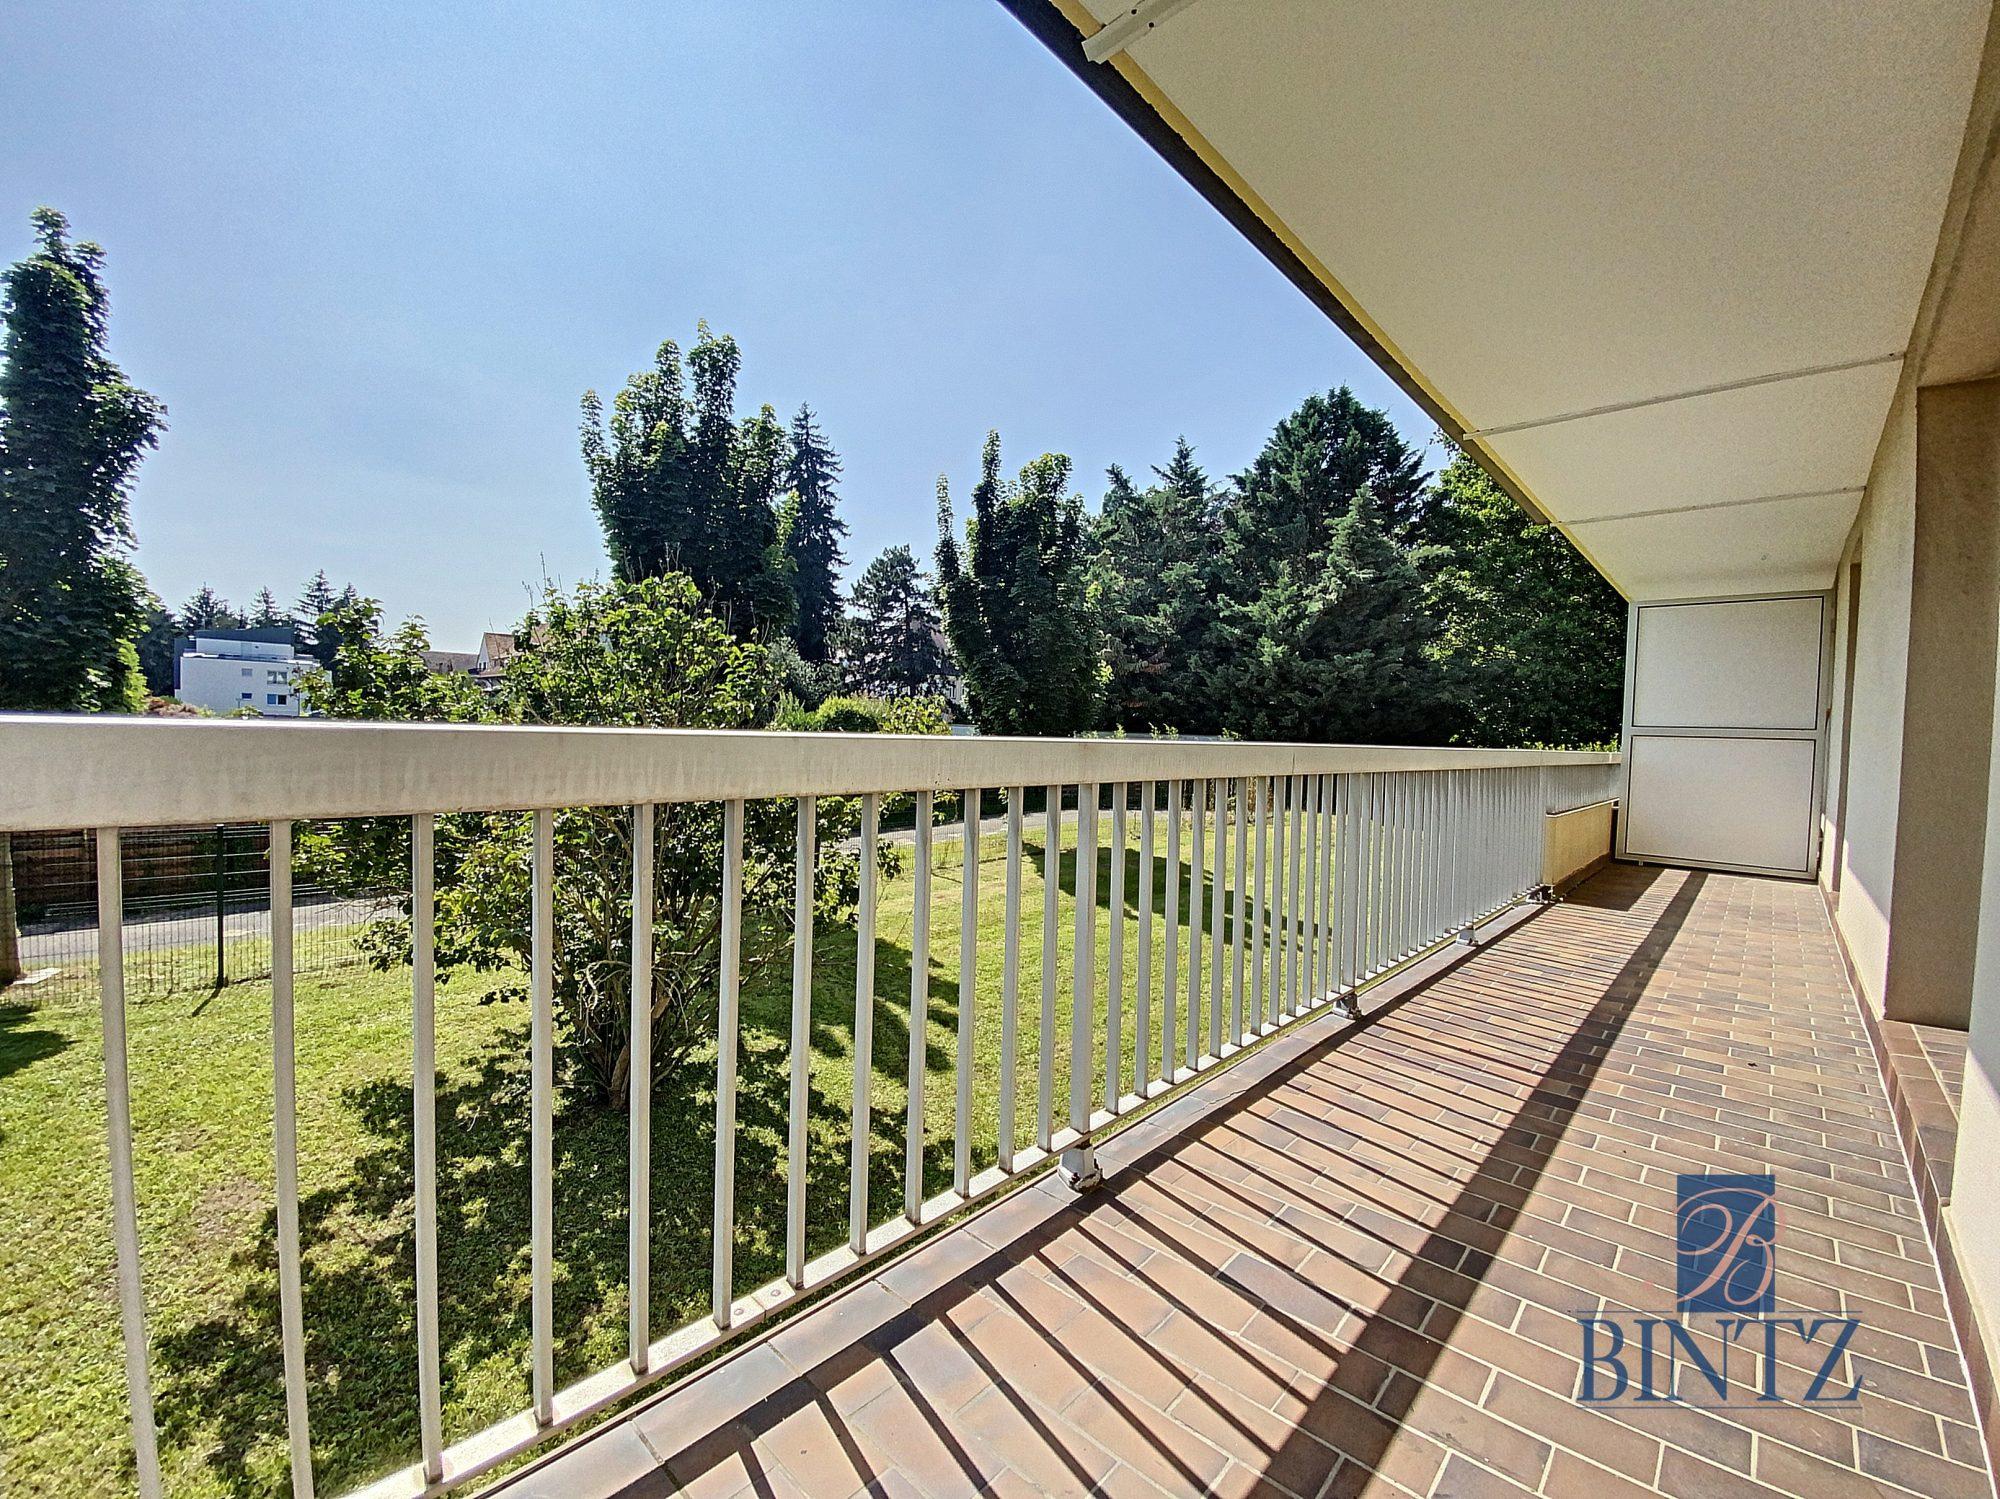 Appartement traversant 4 pièces 97,5m2 à Oberhausbergen - Devenez propriétaire en toute confiance - Bintz Immobilier - 10